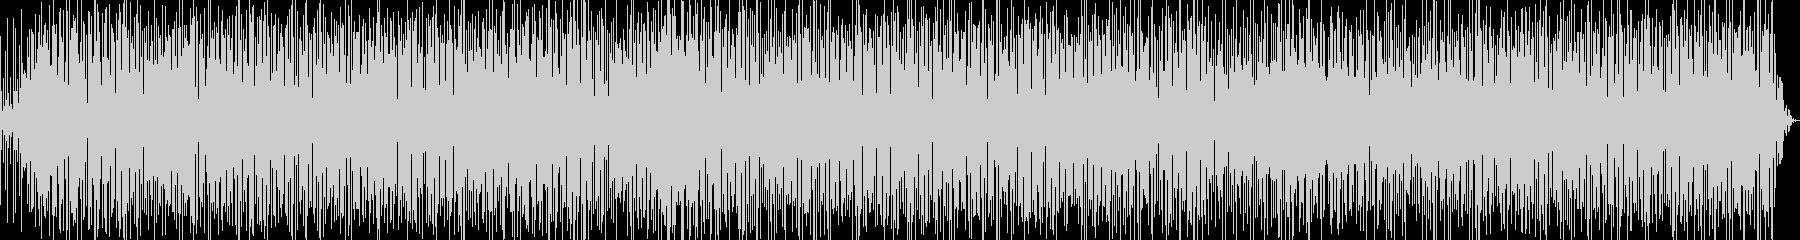 軽快なラテンファンク Ver.1-1の未再生の波形